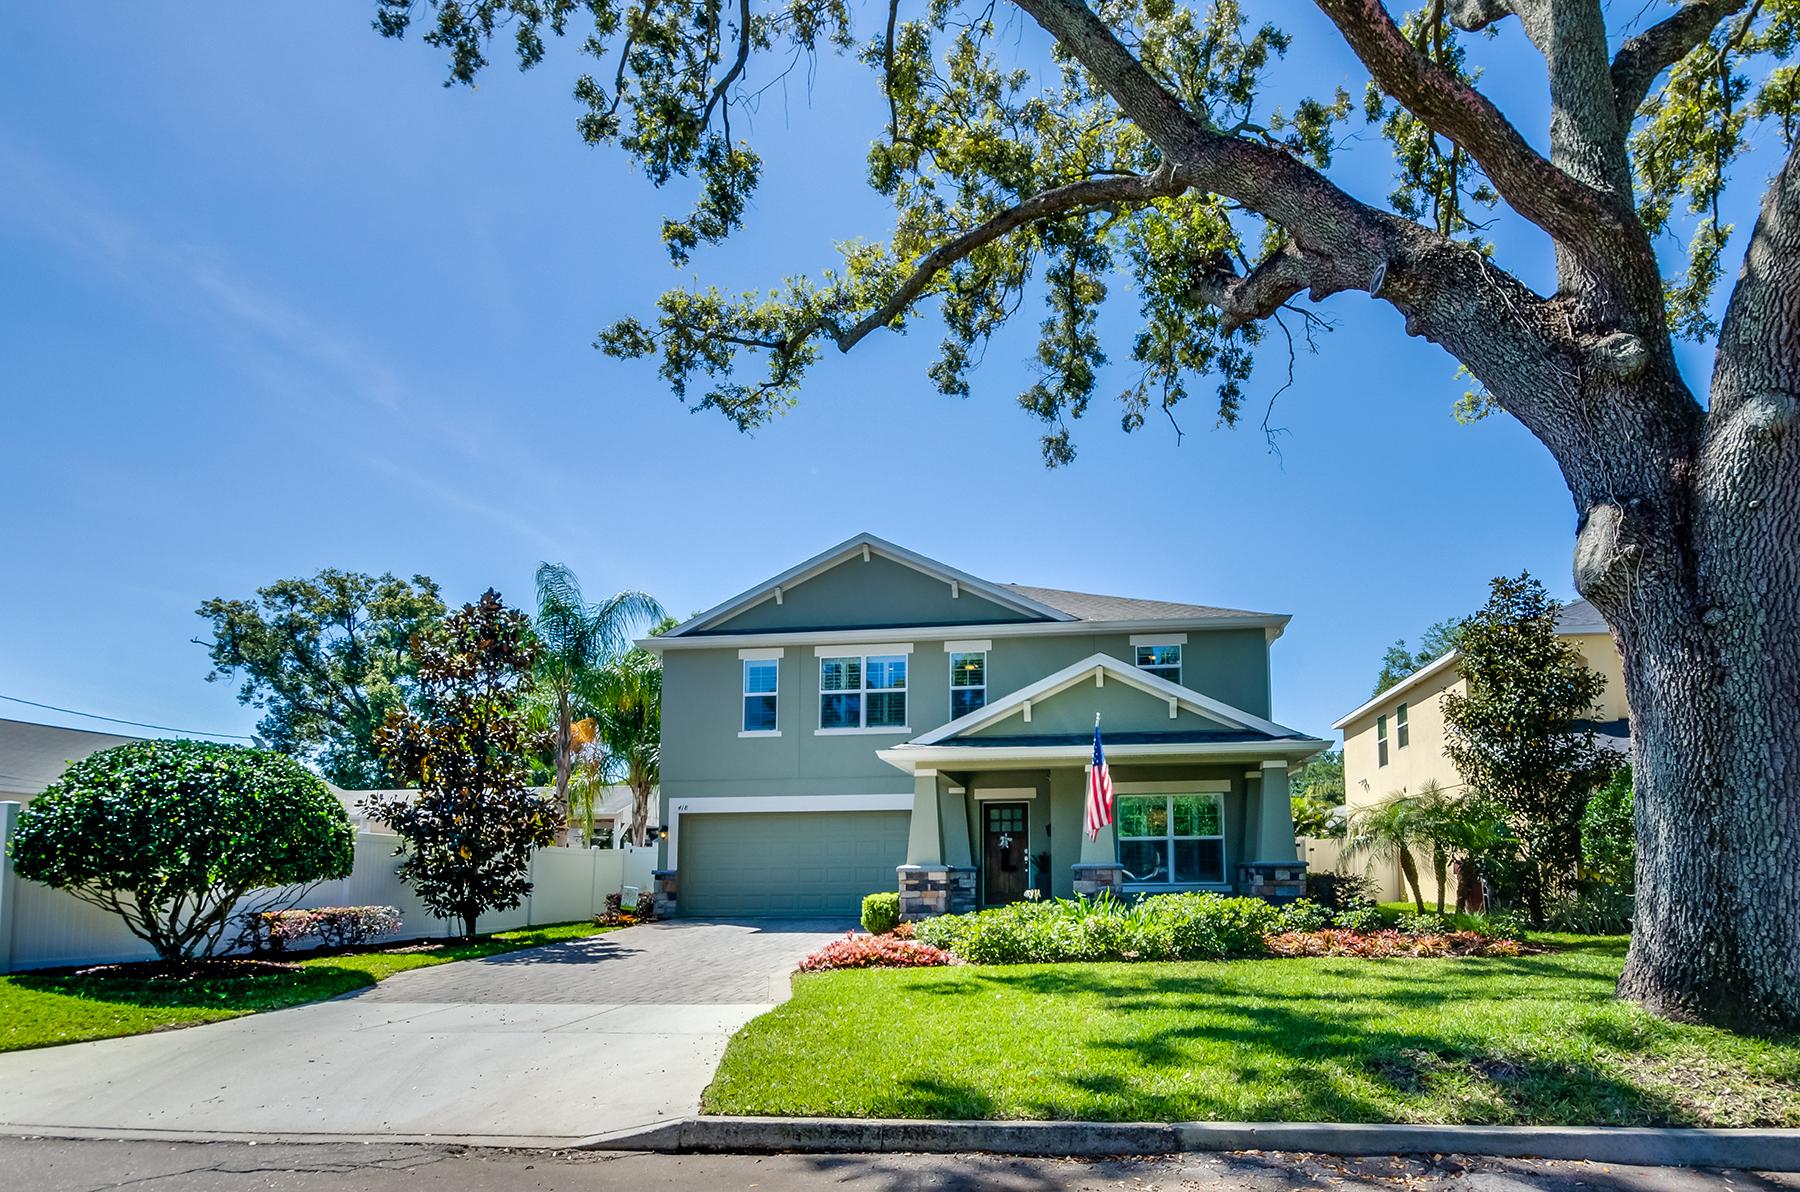 独户住宅 为 销售 在 ORLANDO 418 Hazel Ct 奥兰多, 佛罗里达州, 32804 美国